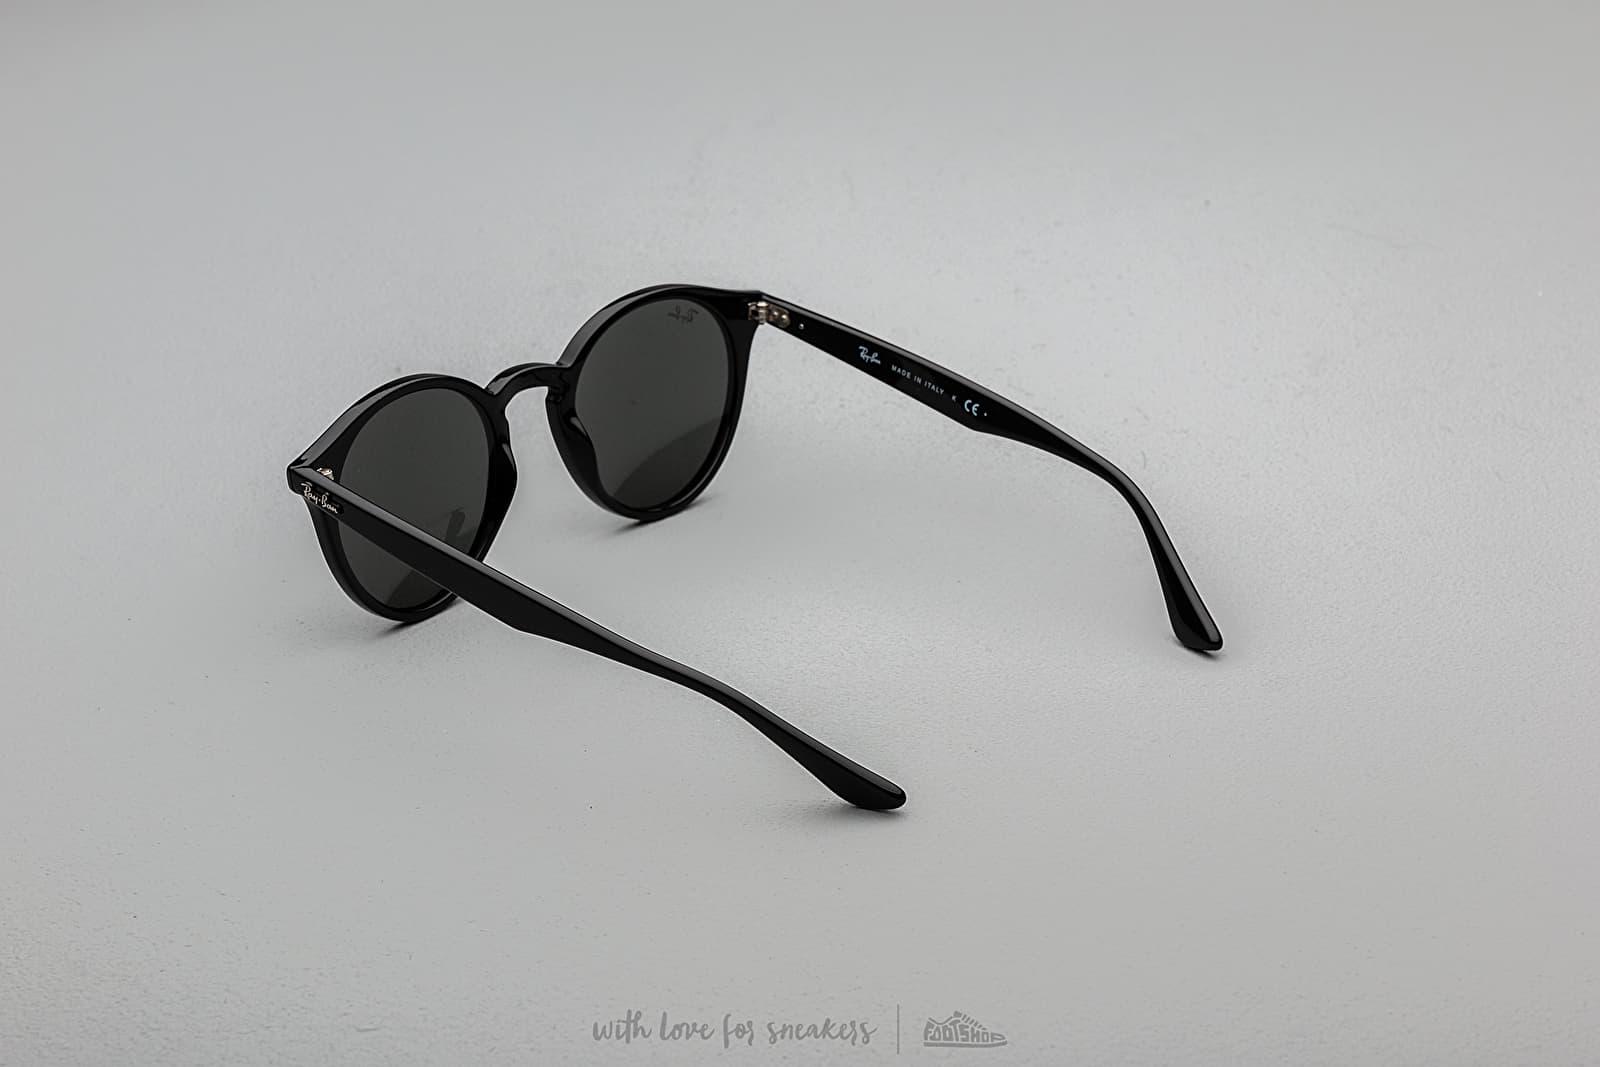 47f8bc9431 Ray Ban Sunglasses Black a muy buen precio 129 € comprar en Footshop